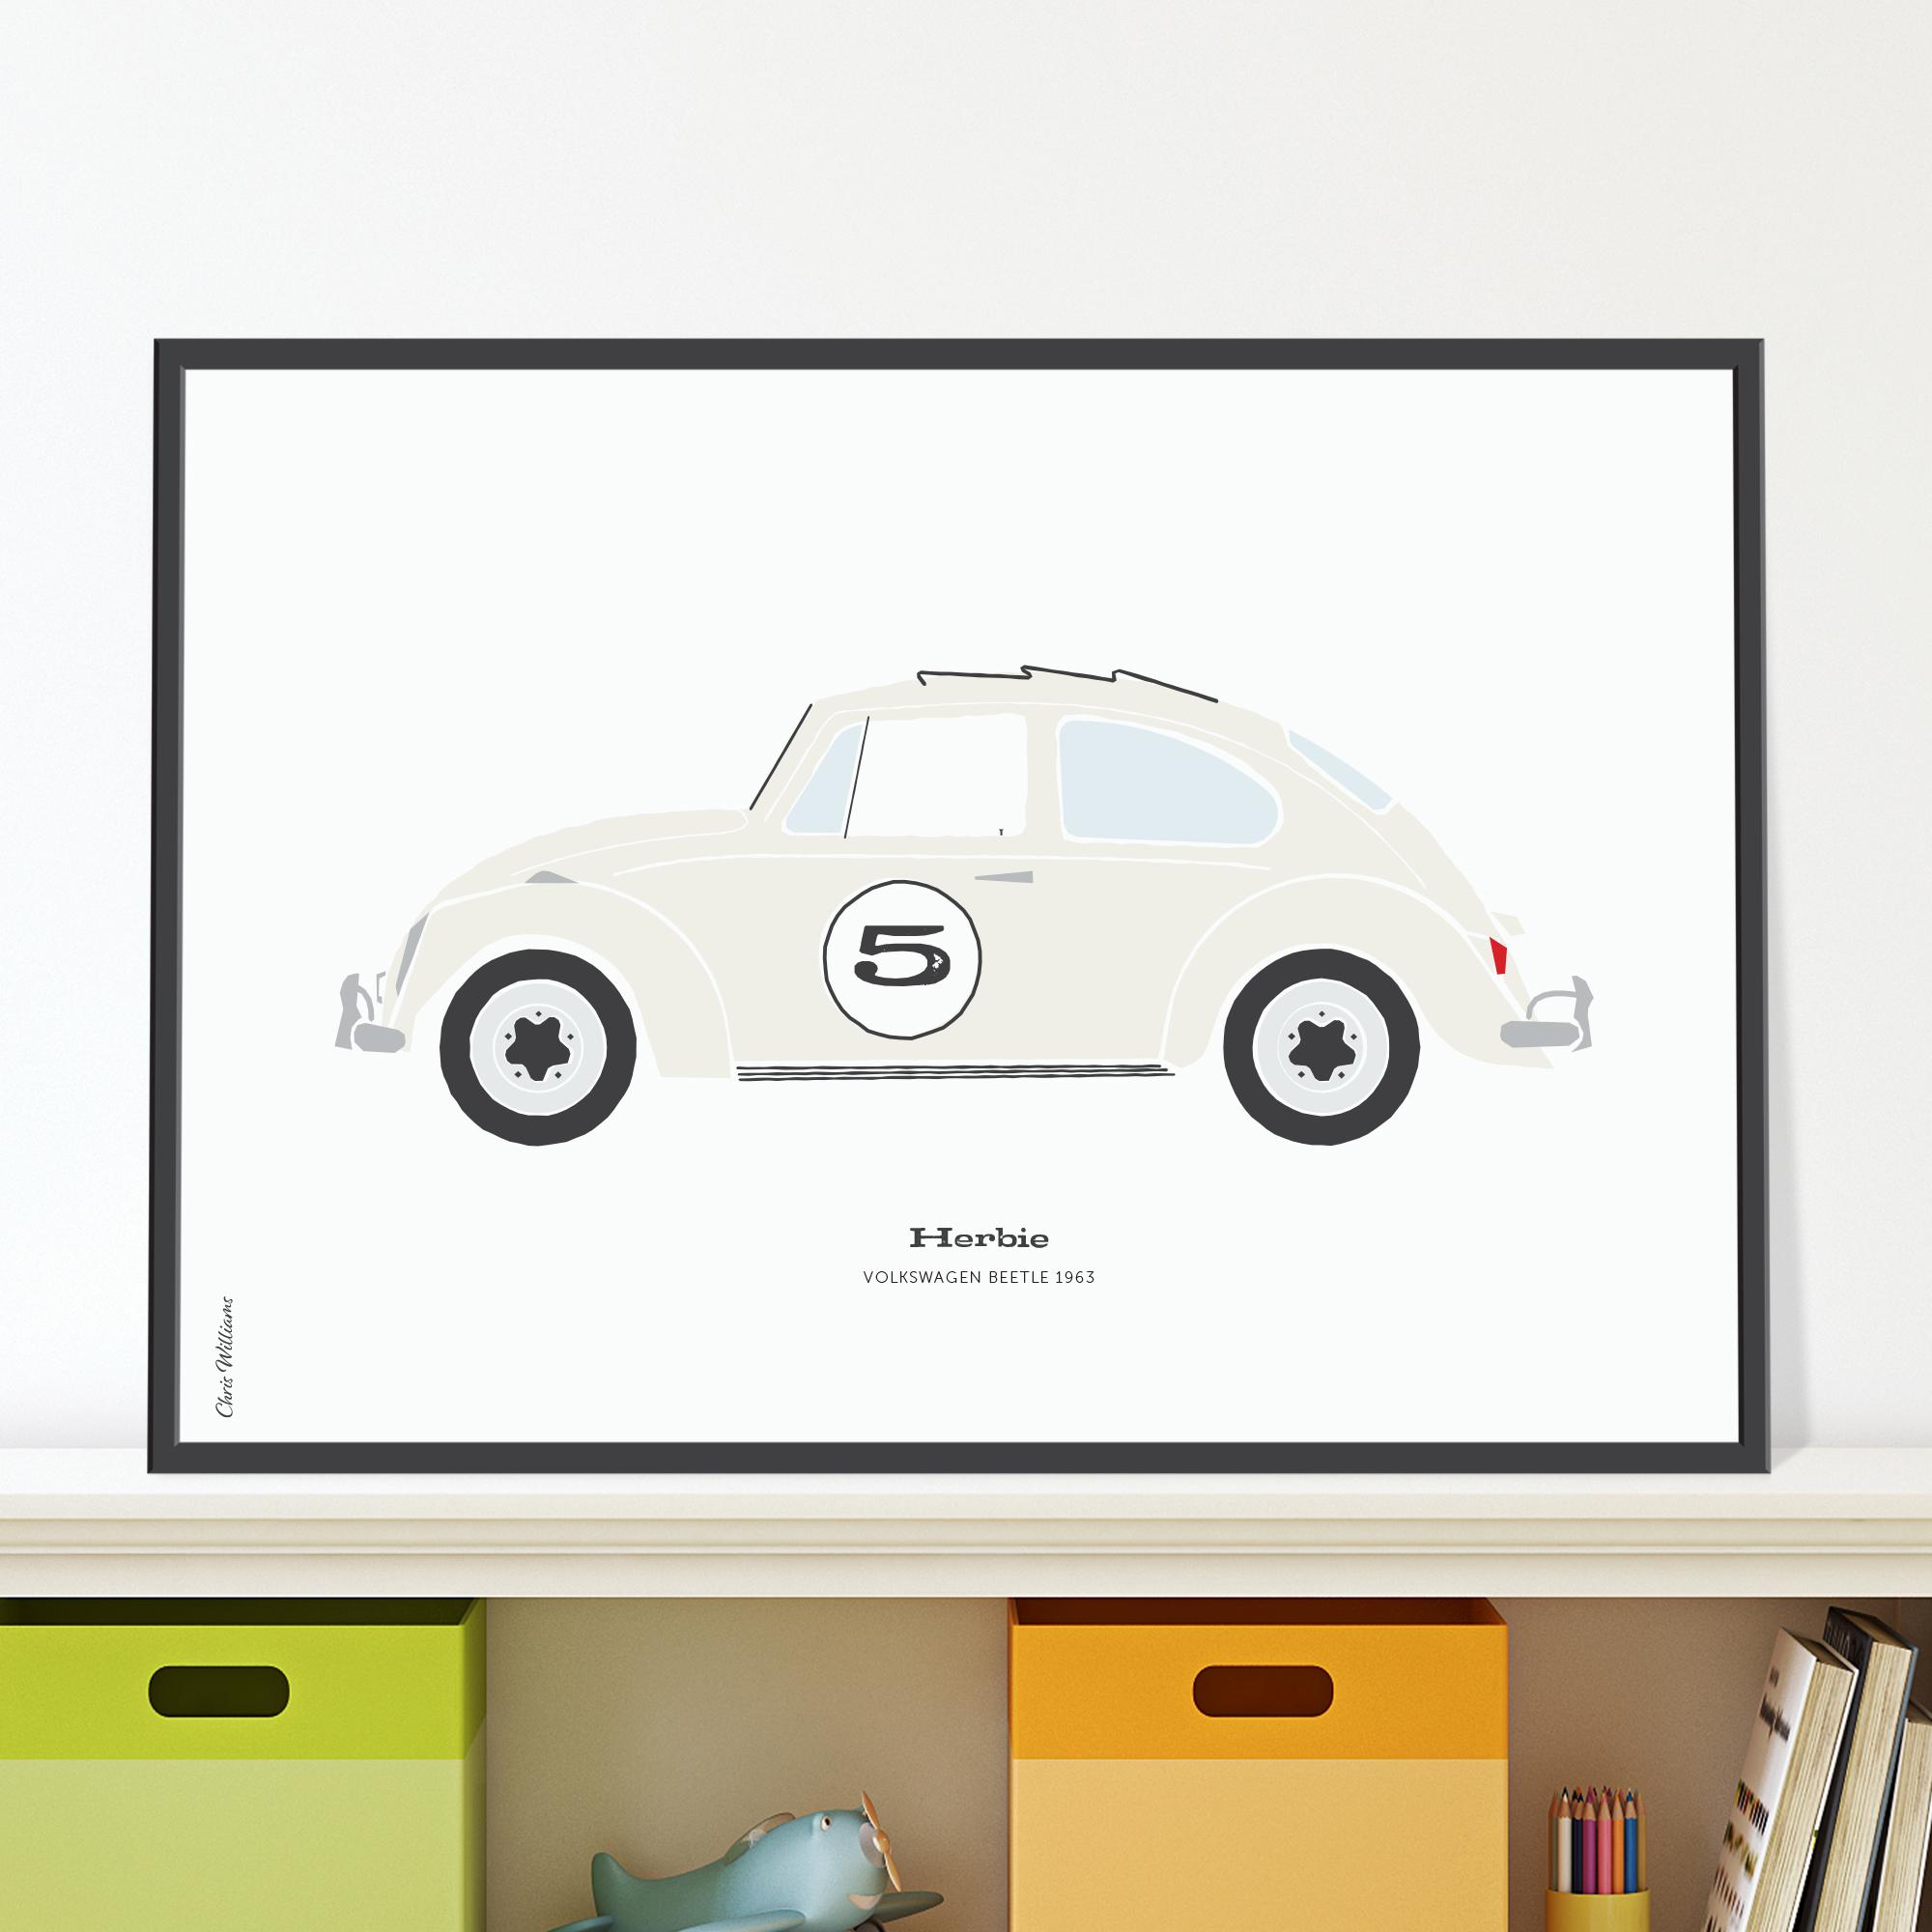 VW-Herbie-toybox-zoom